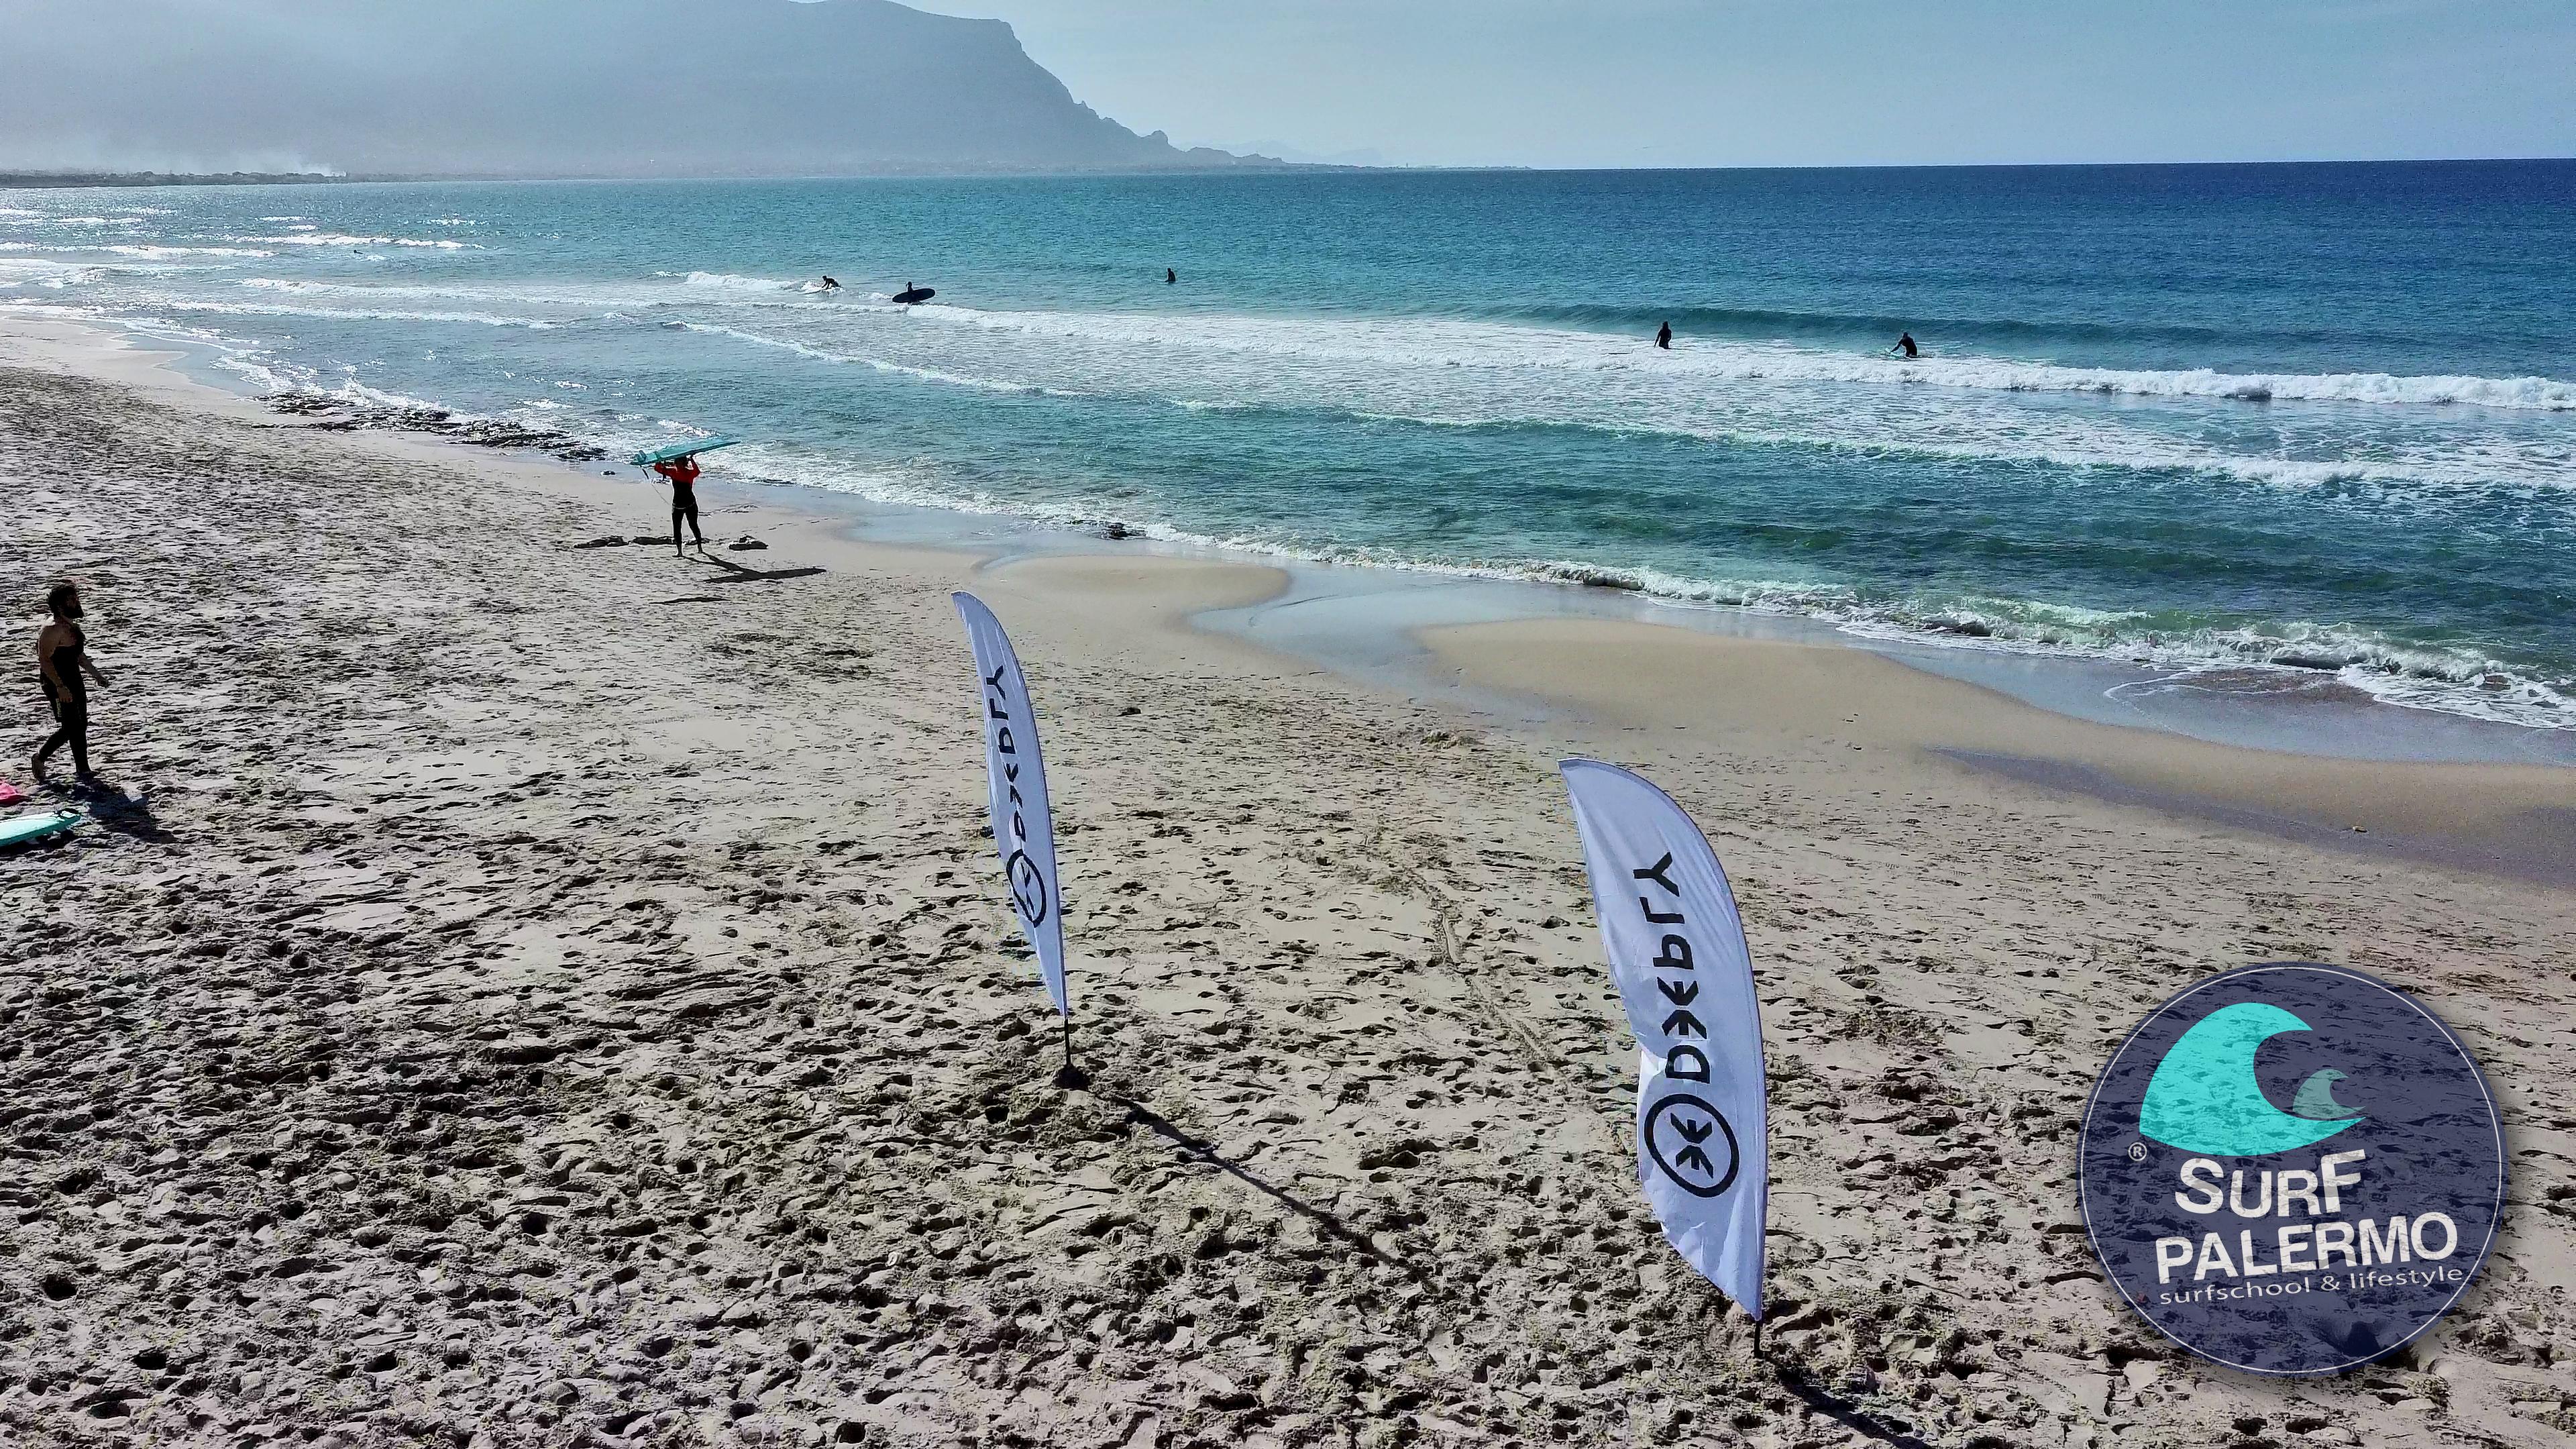 Surf Palermo - Isola Delle Femmine - surfschool & lifestyle